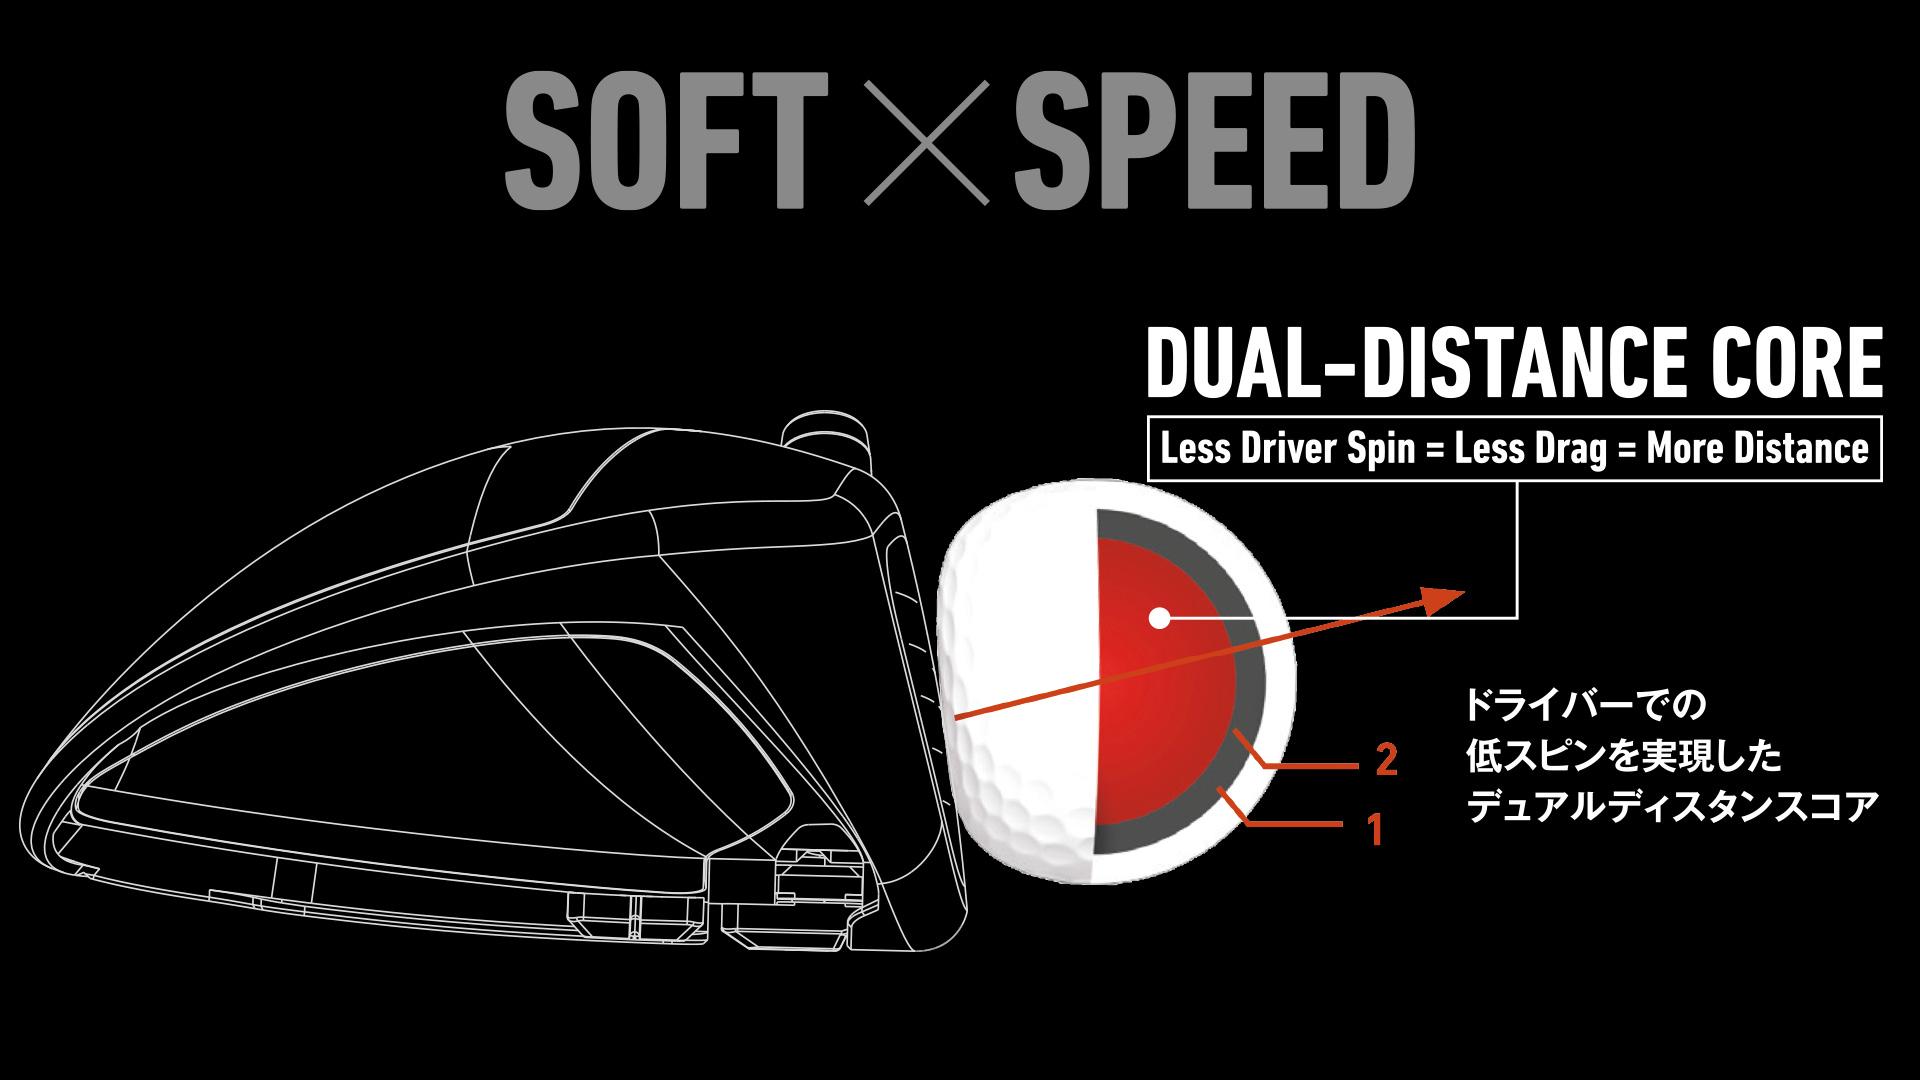 ドライバーでの低スピンとショット時のソフトな打感を実現した3ピースボール。